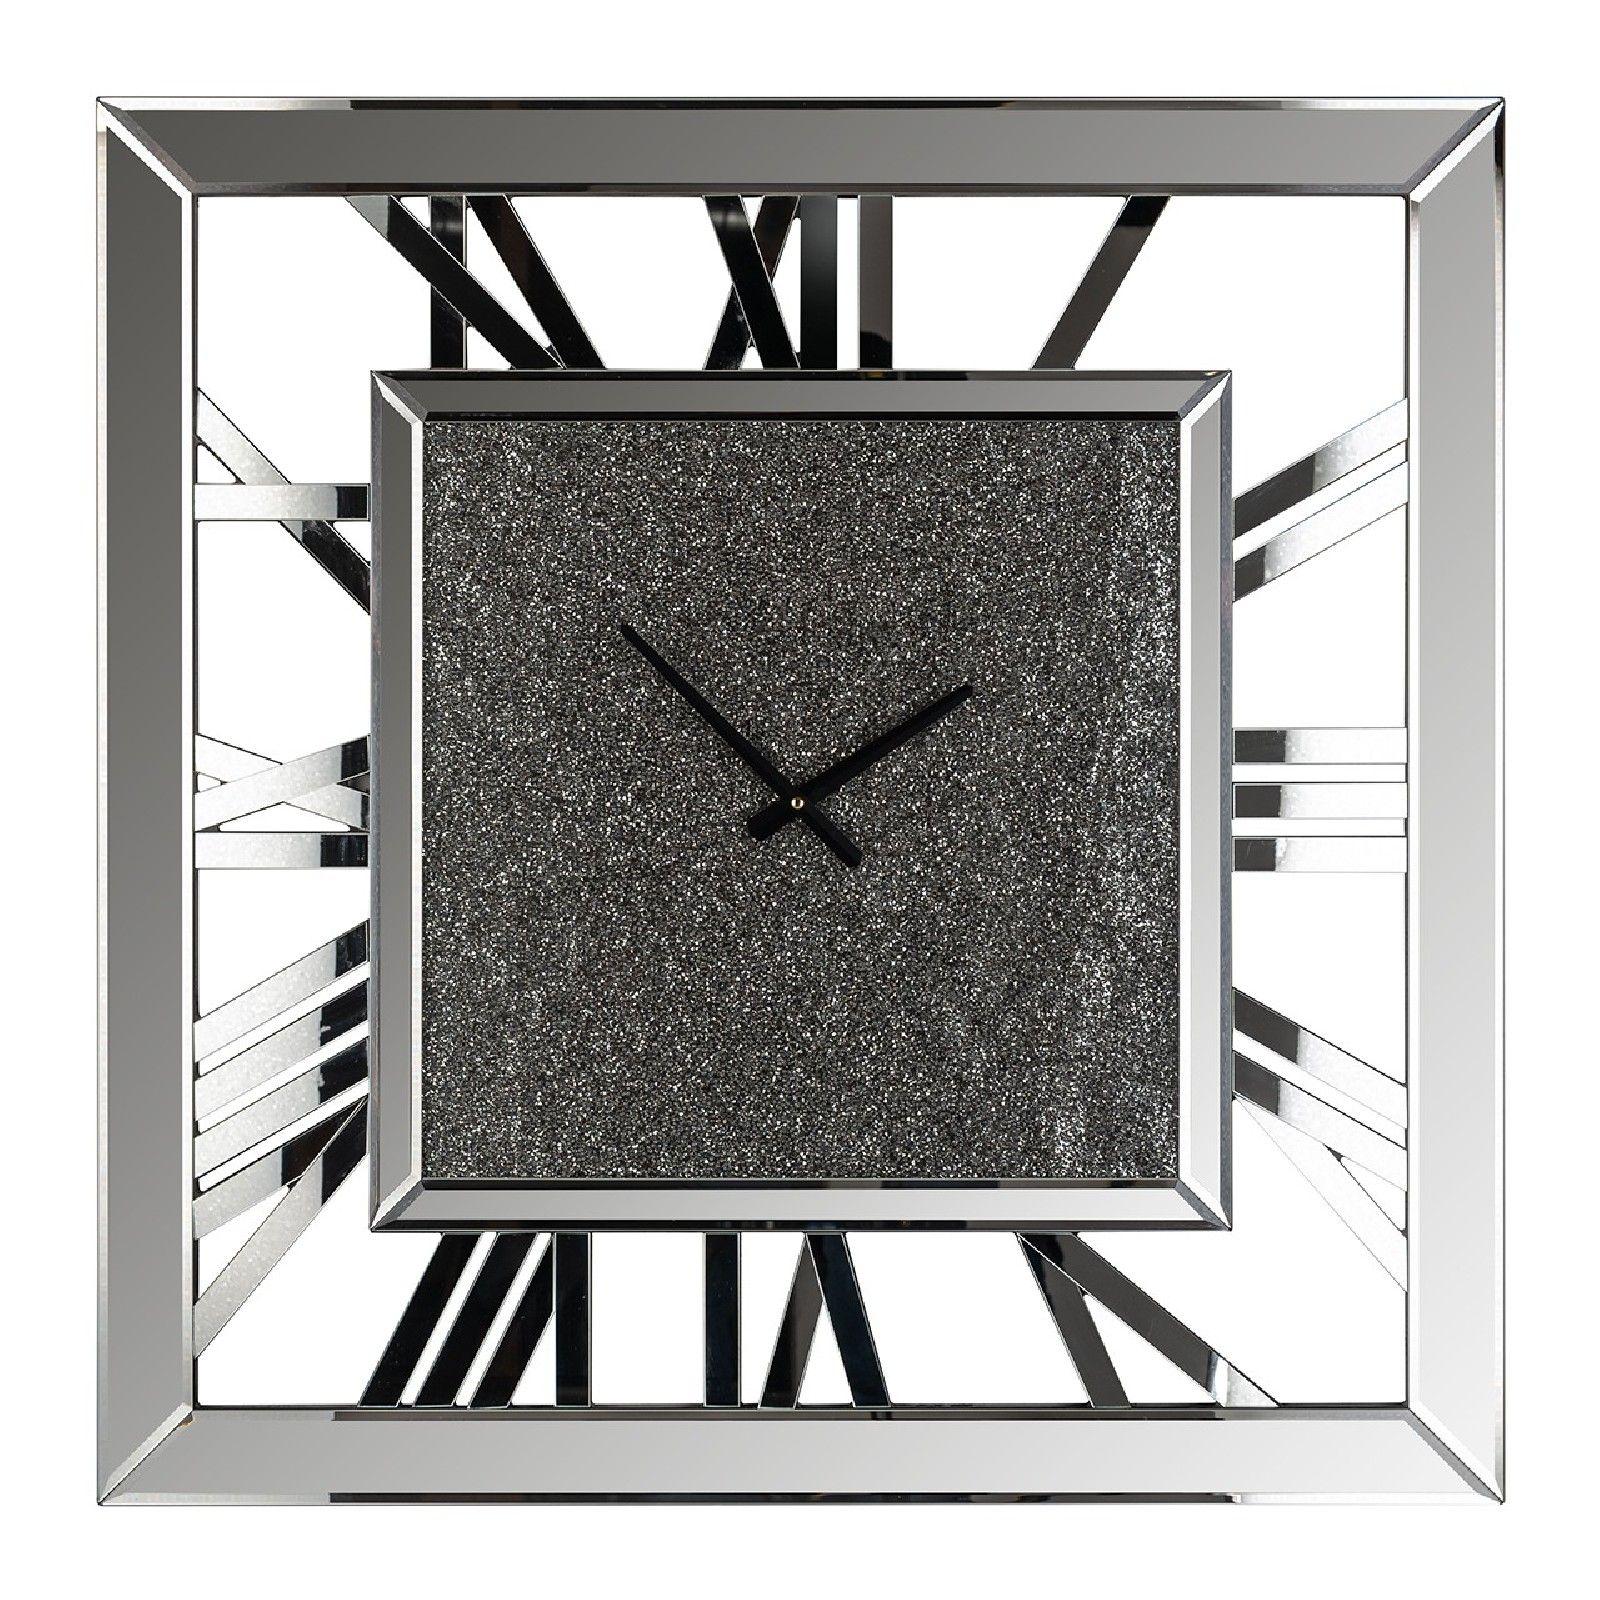 Horloge Calvin avec paillettes Horloges murales - 7